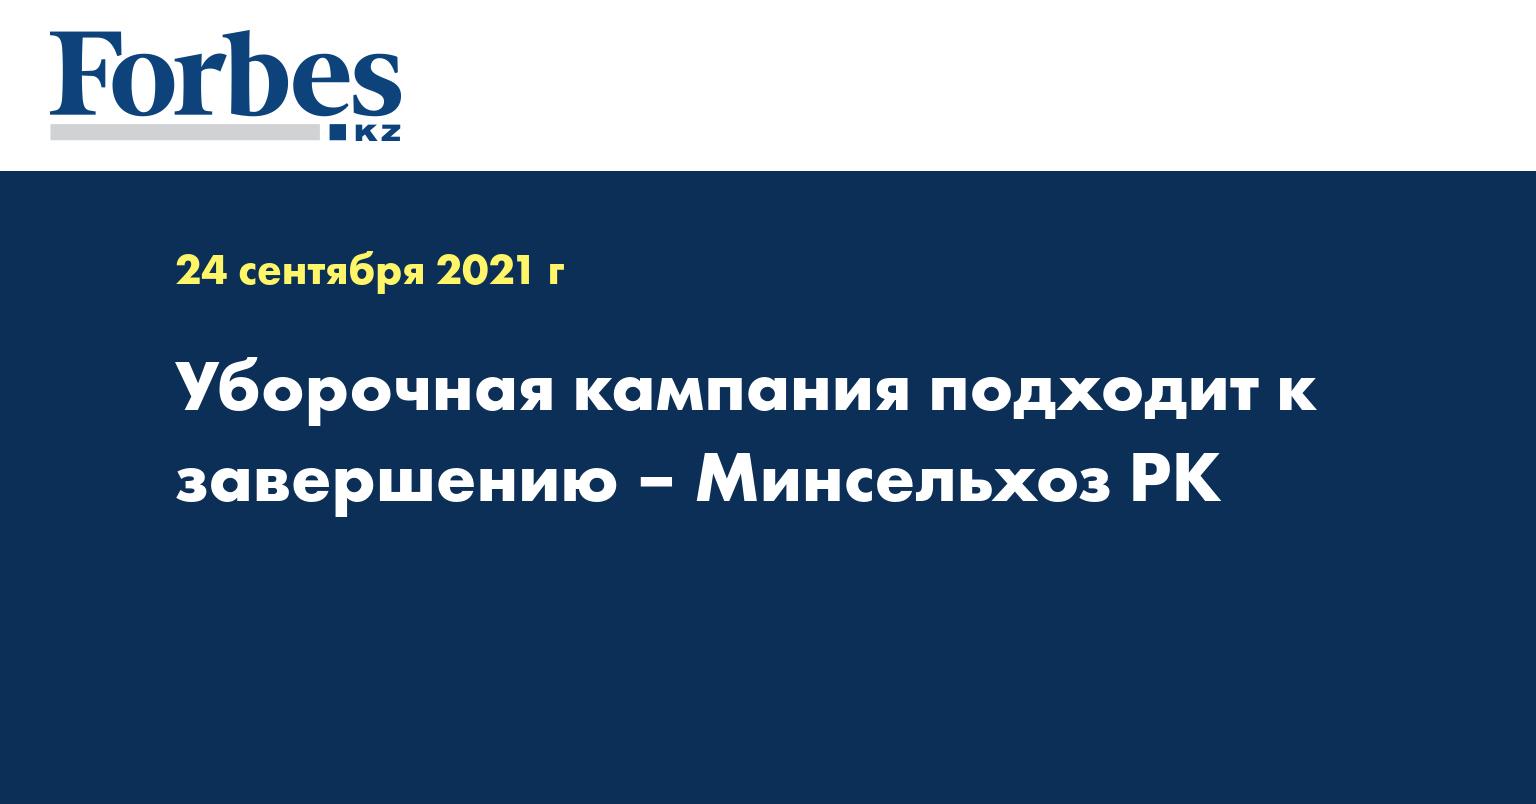 Уборочная кампания подходит к завершению – Минсельхоз РК